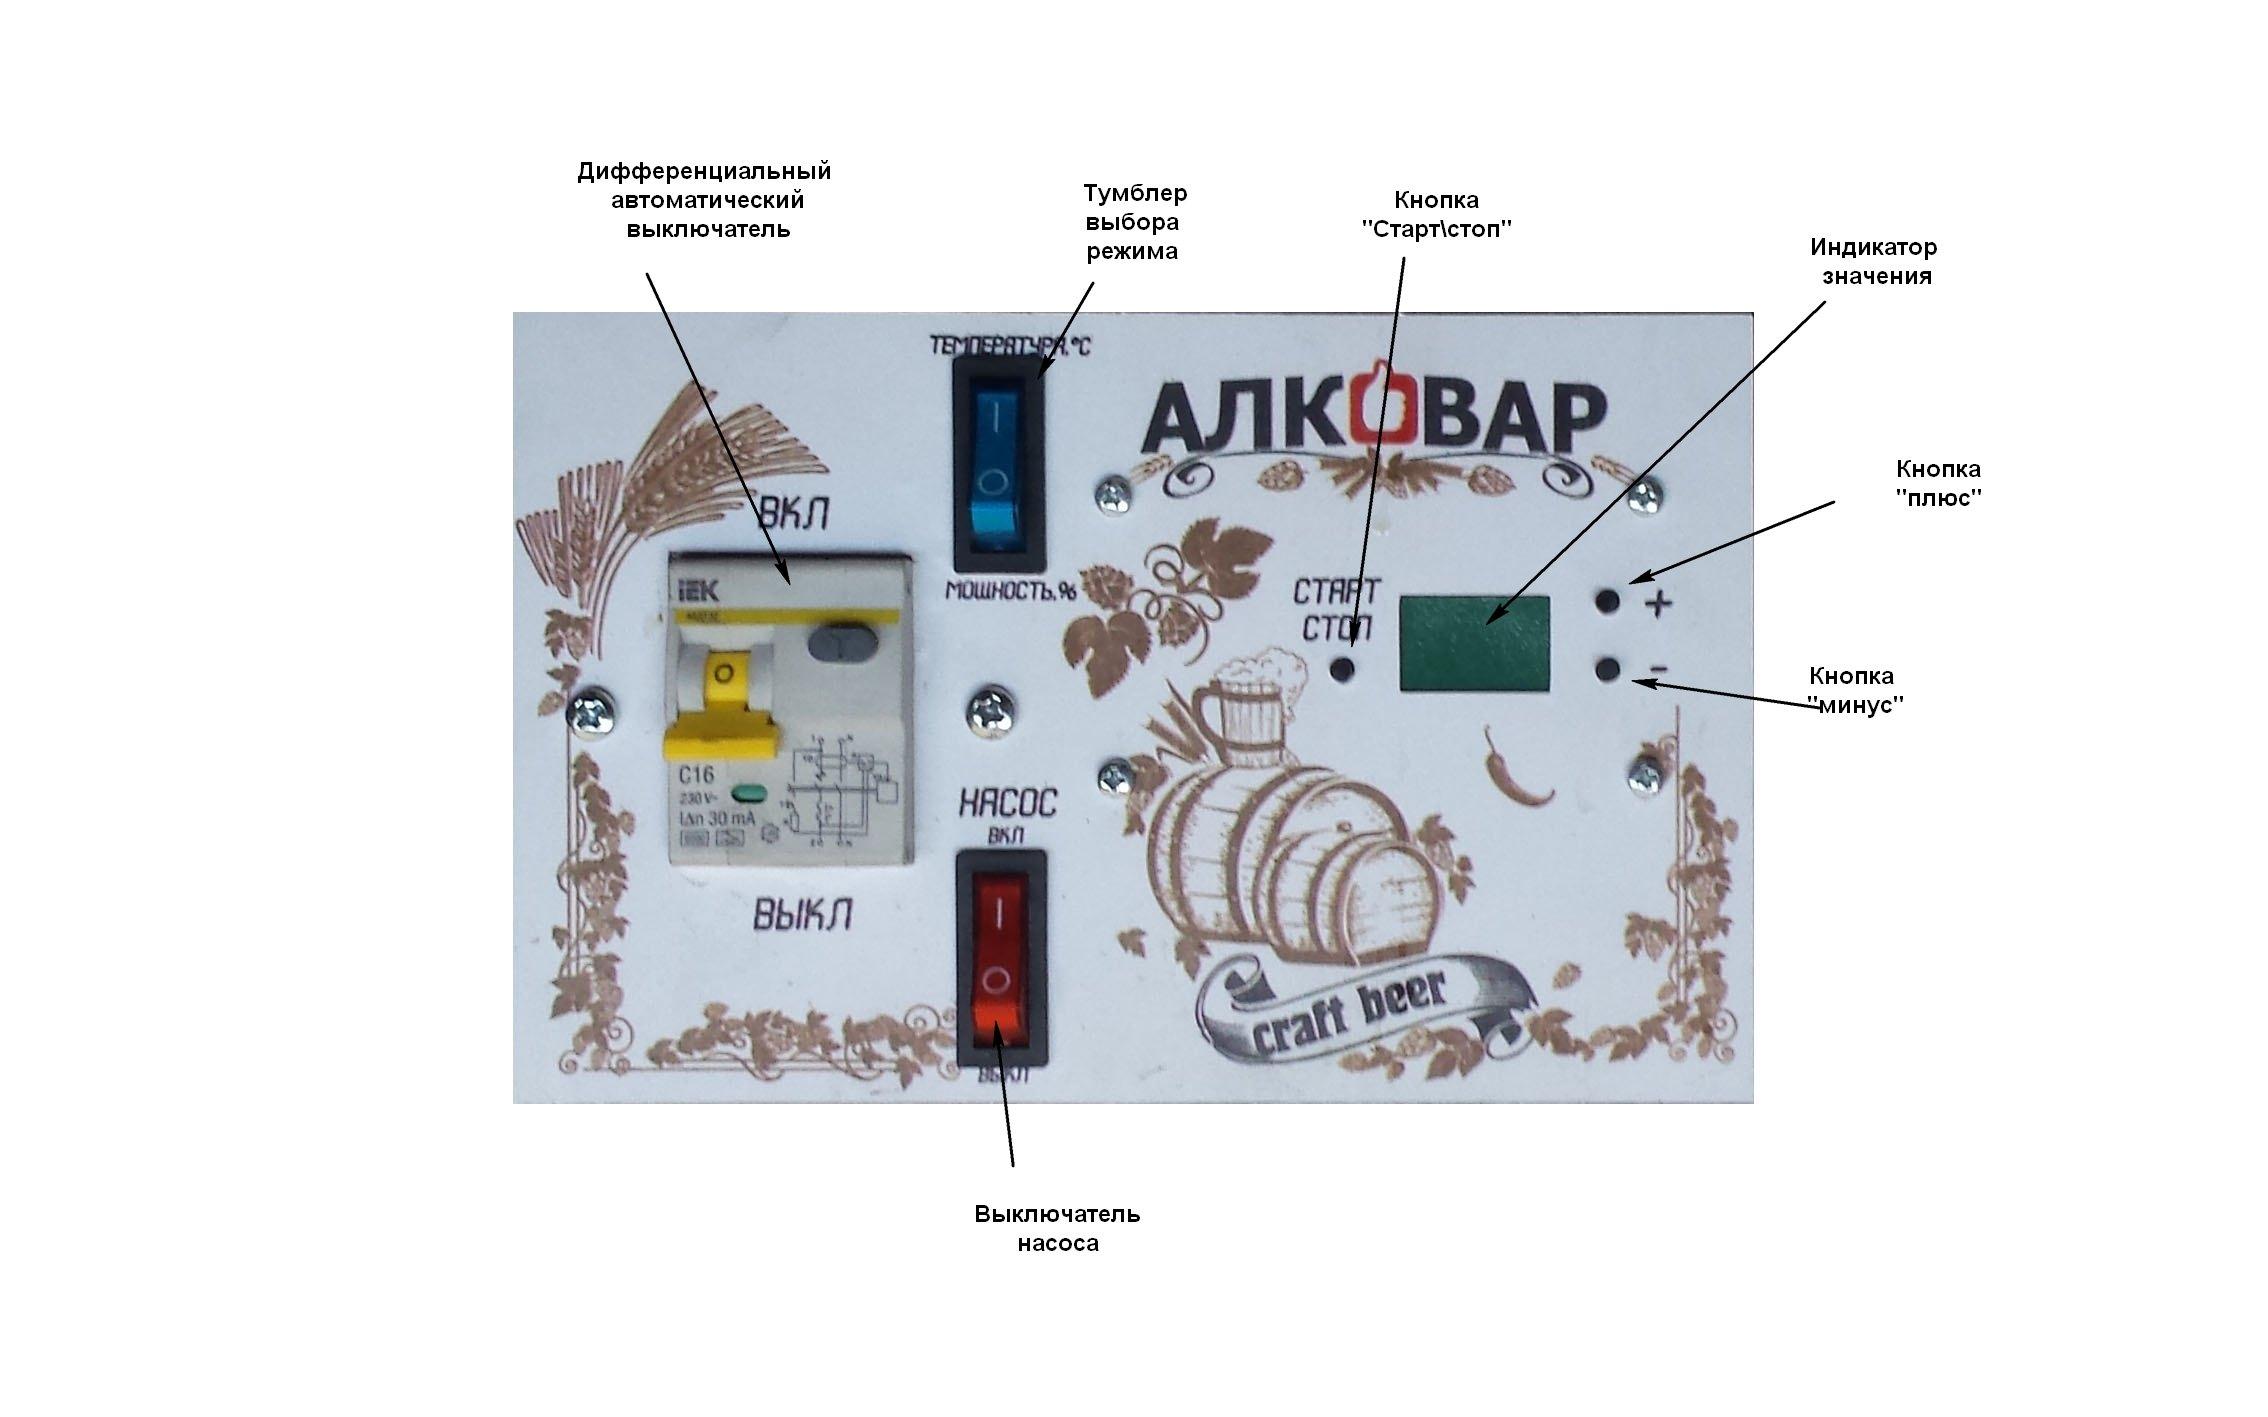 Блок управления пивоварней АЛКОВАР